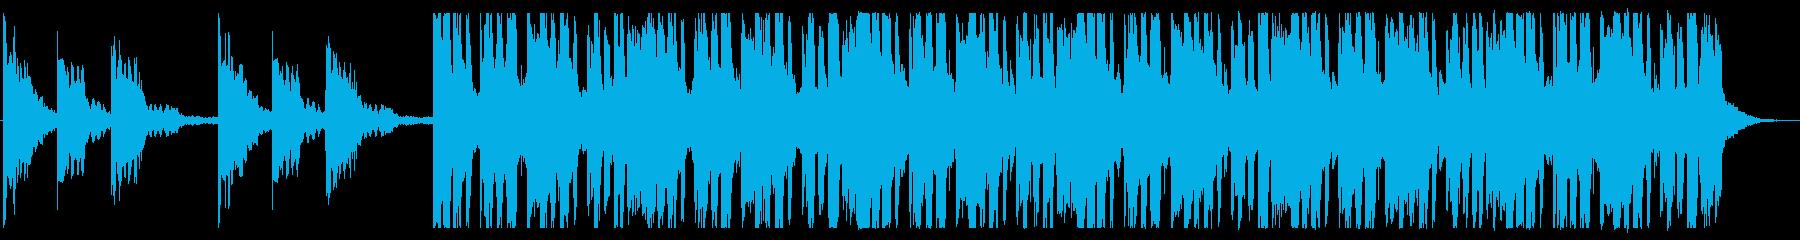 浮遊感/孤独/R&B_No437_2の再生済みの波形